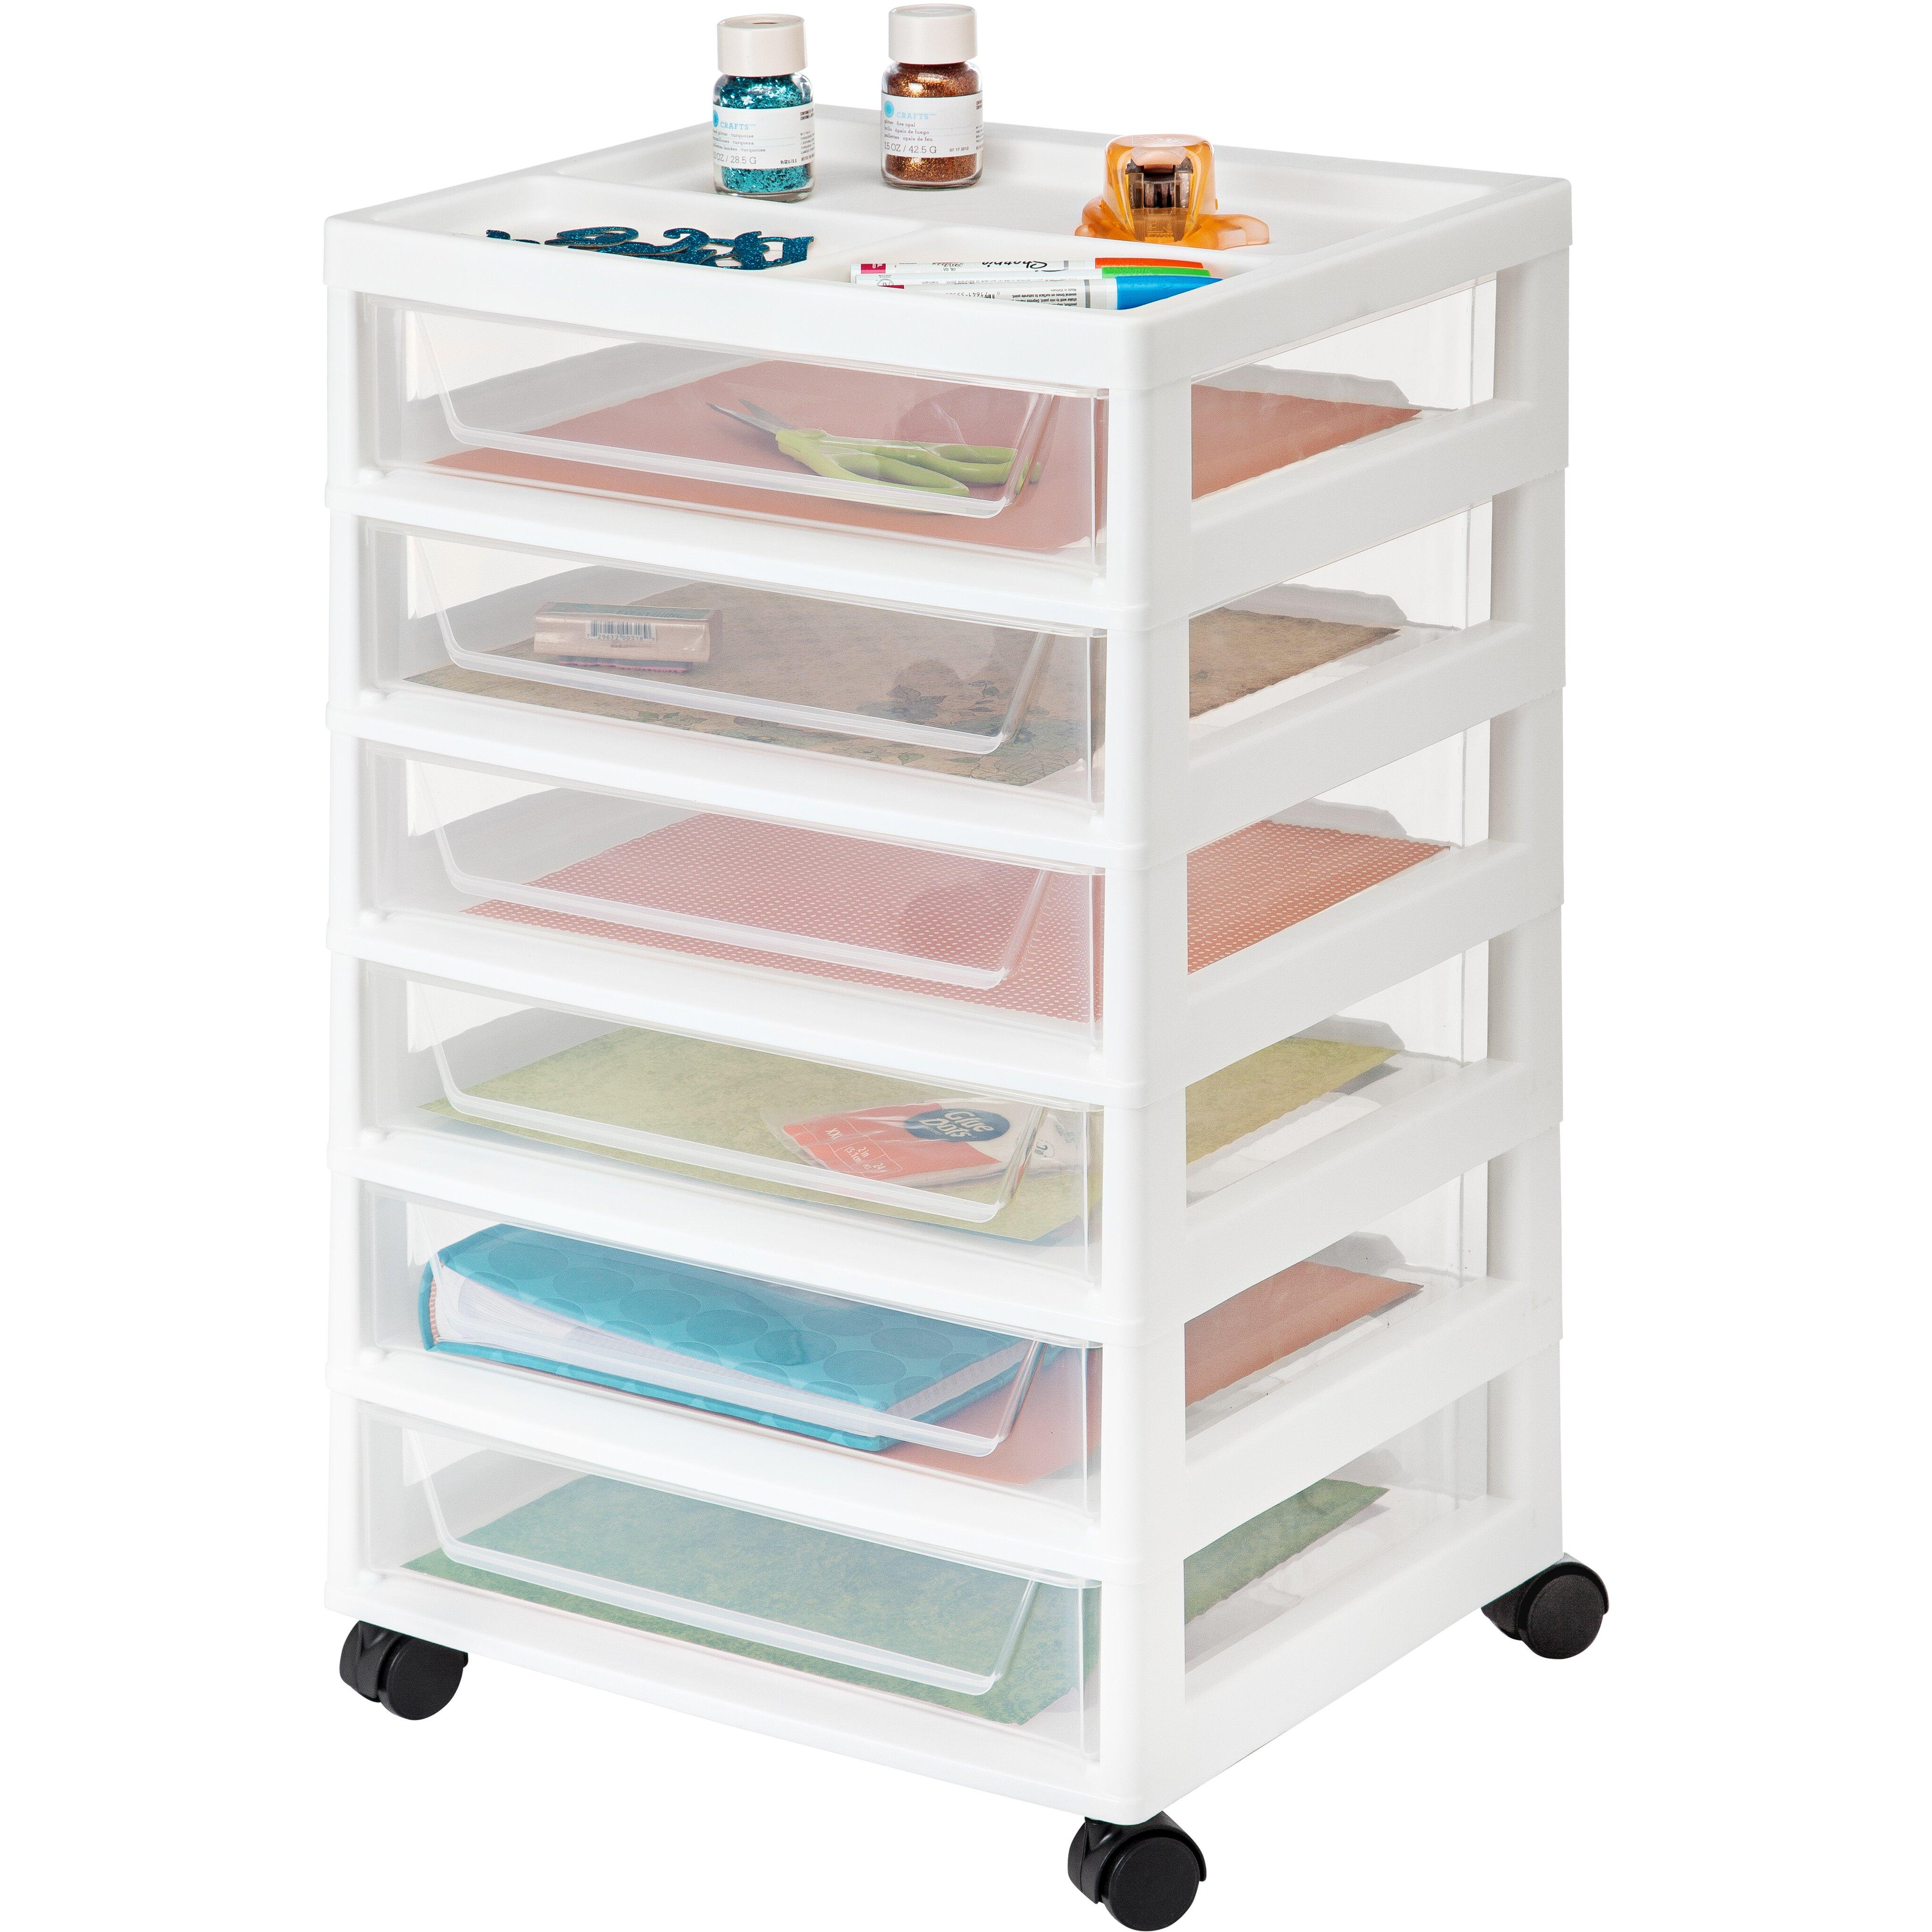 Craft storage drawers plastic - Craft Storage Drawers Plastic Plastic Craft Storage Drawers Craft Storage Drawers Plastic Plastic Craft Storage